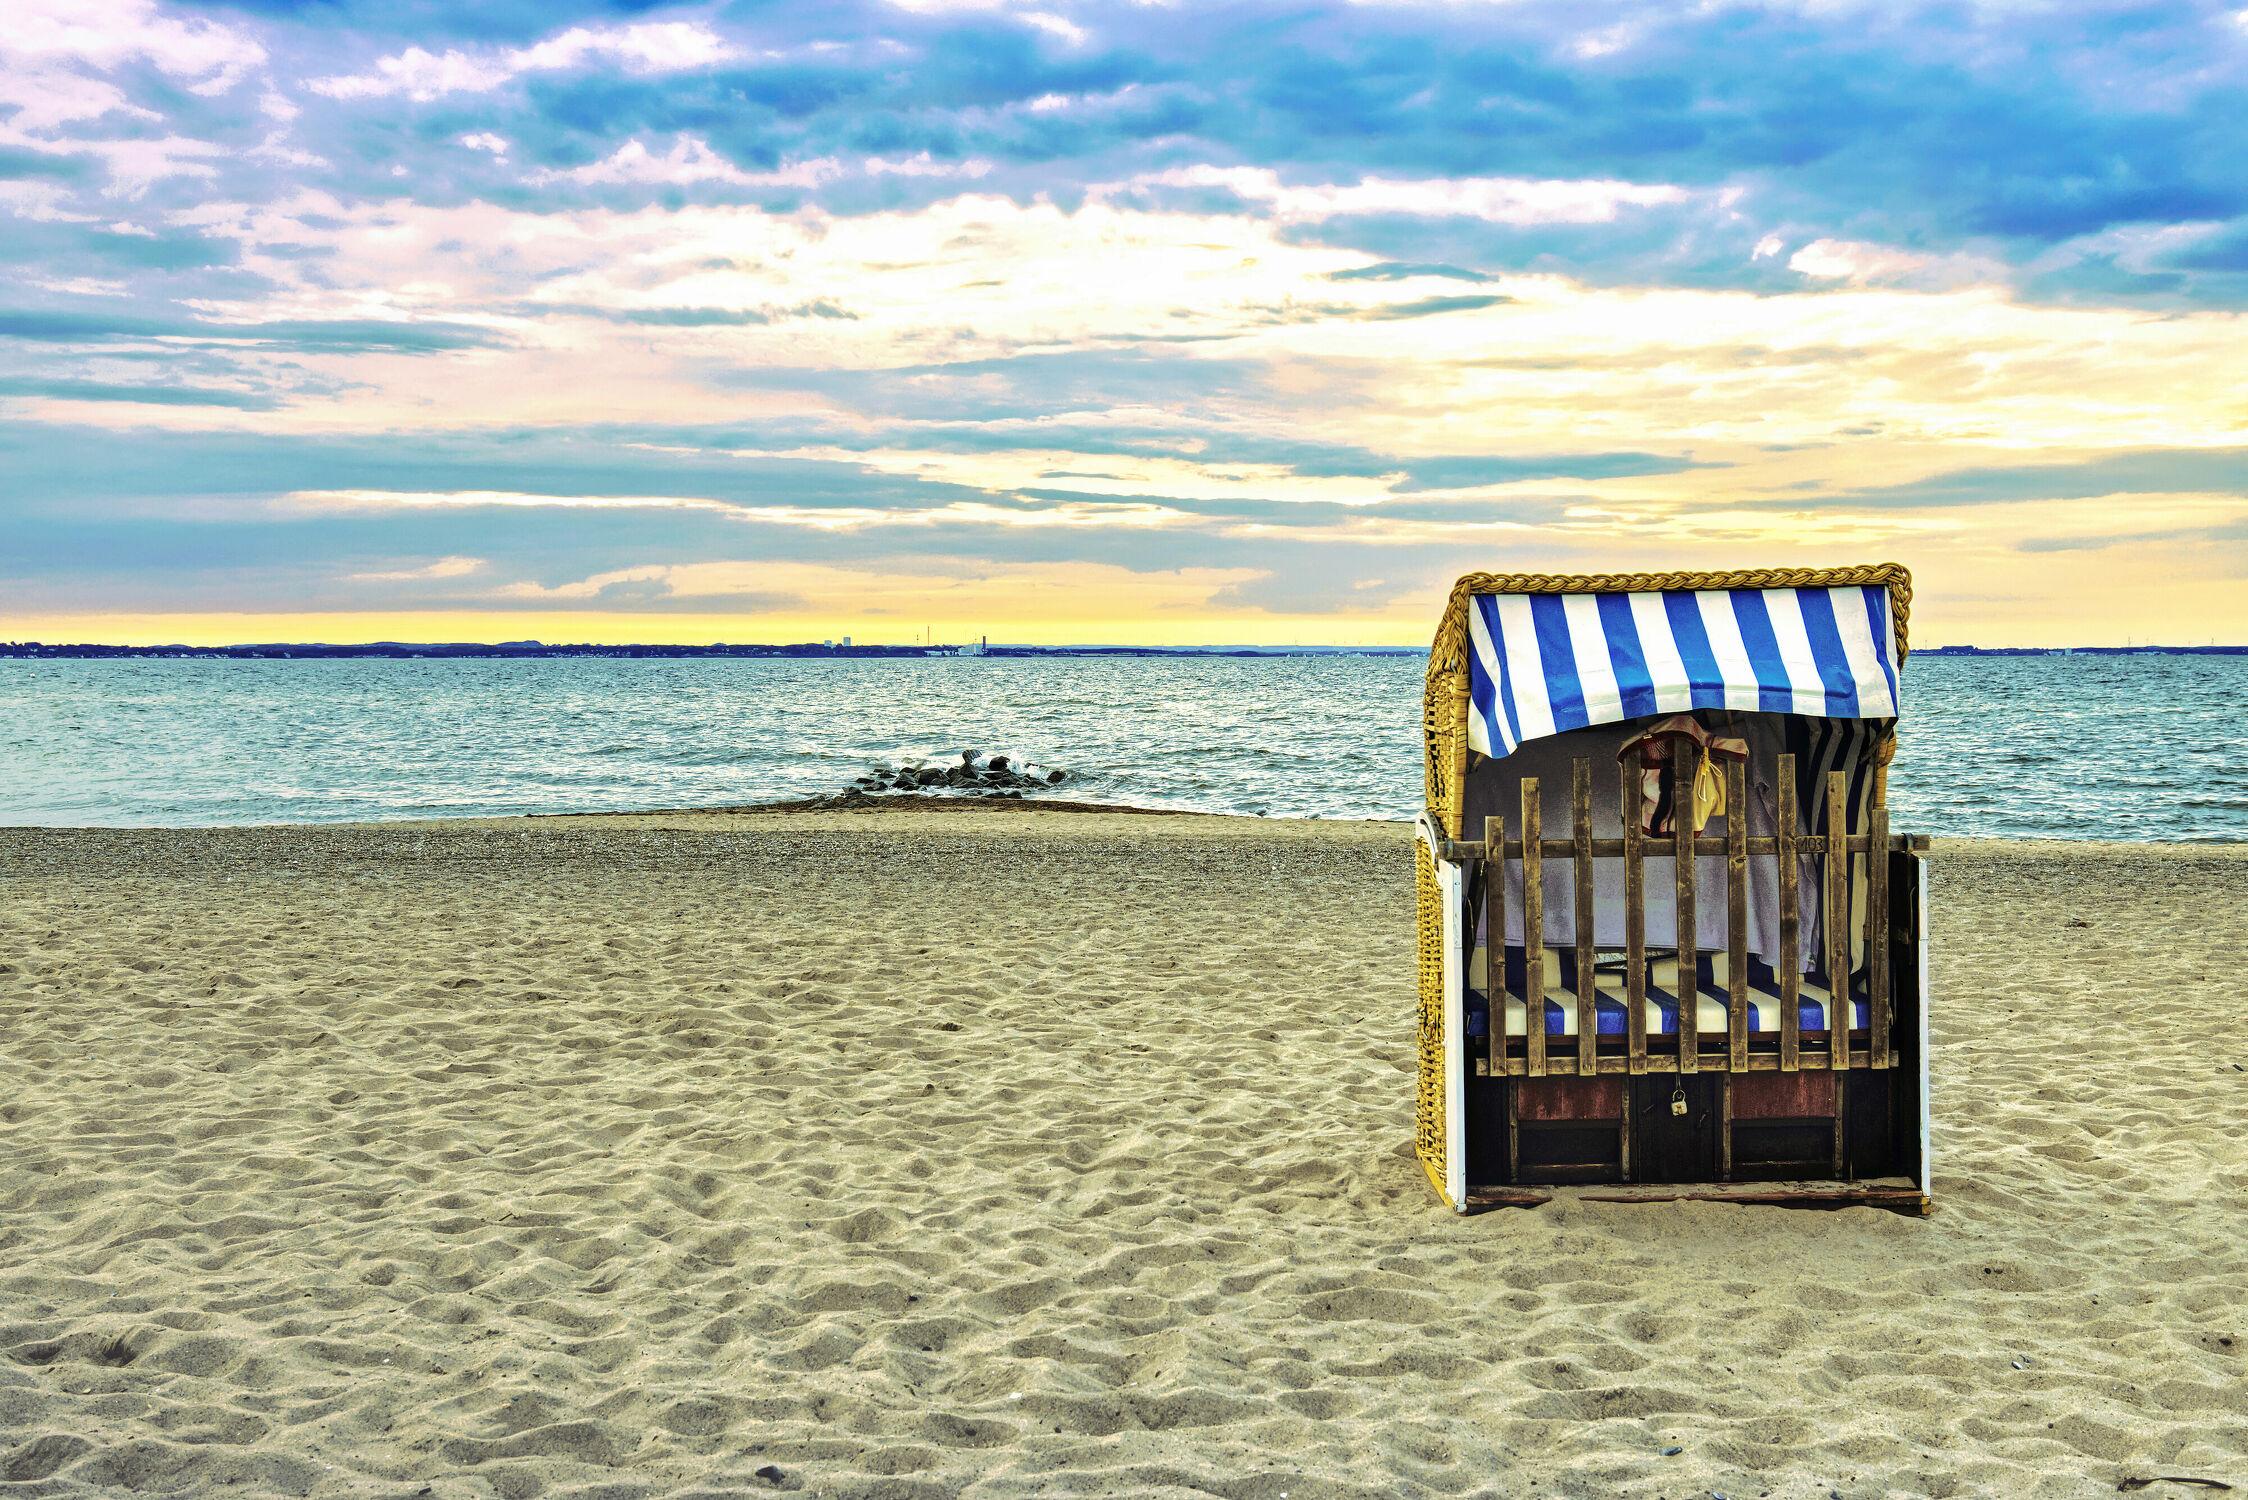 Bild mit Sonnenuntergang, Meerblick, Strandkörbe, Ostsee, Lübecker Bucht, Strandkorb, Sunset, Timmendorfer Strand, Niendorf